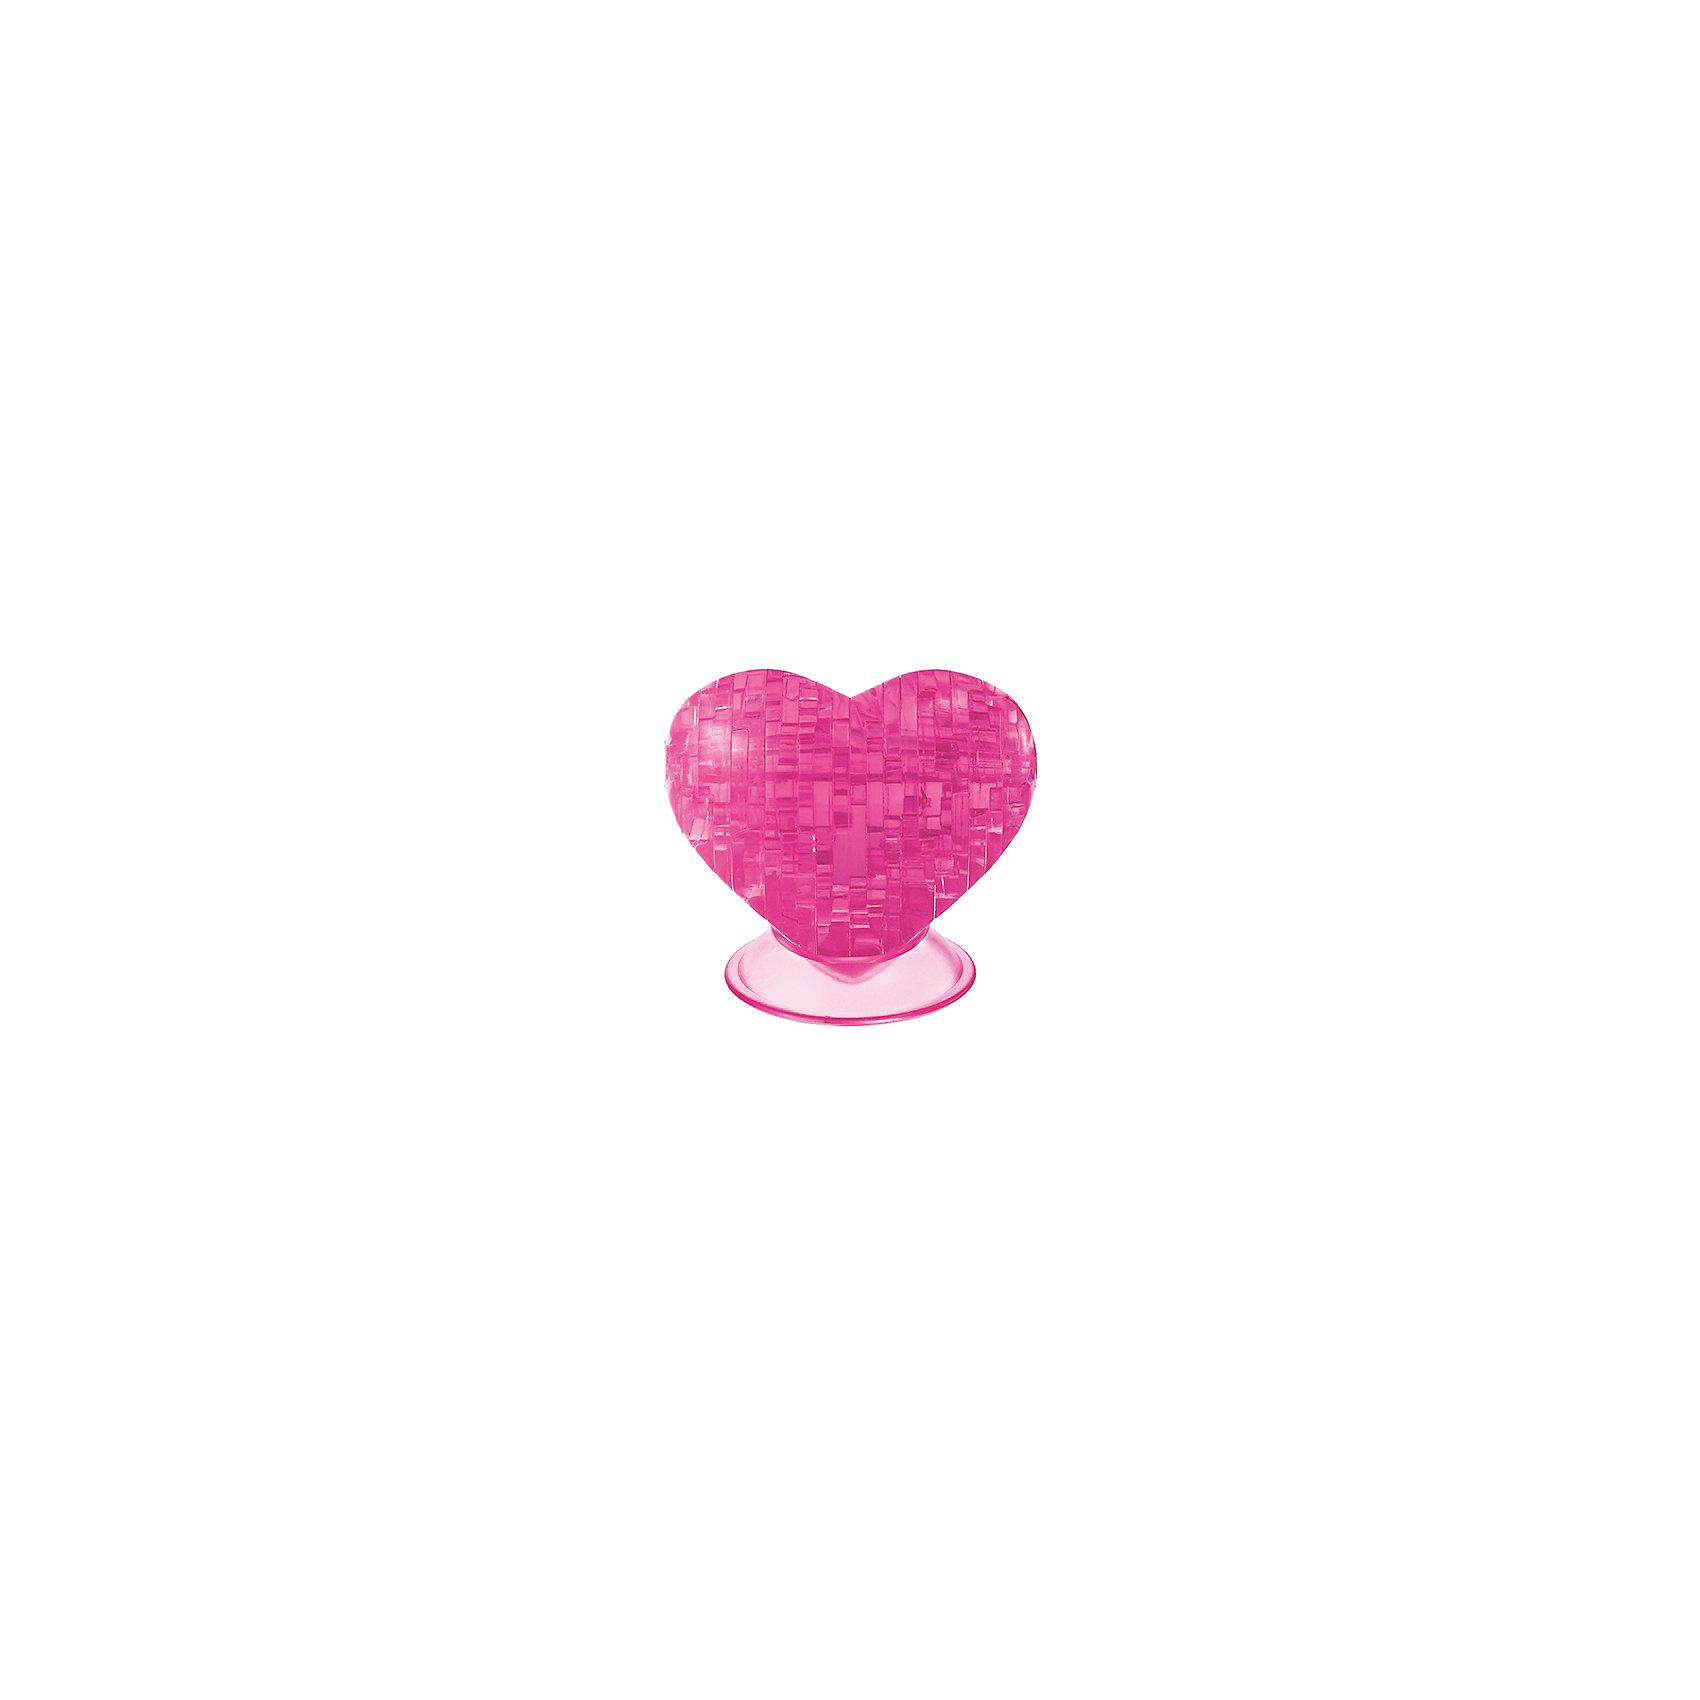 Кристаллический пазл 3D Сердце, Crystal Puzzle3D пазлы<br>Кристаллический пазл 3D Сердце, Crystal Puzzle (Кристал Пазл)<br><br>Характеристики:<br><br>• яркий объемный пазл<br>• размер готовой фигурки: 8 см<br>• количество деталей: 46<br>• высокая сложность<br>• размер упаковки: 5х14х10 см<br>• вес: 154 грамма<br>• материал: пластик<br><br>Как известно, сердце - символ любви. Собрав объёмный пазл от Crystal Puzzle, вы сможете подарить прекрасную фигурку в знак своей любви близкому человеку. В комплект входят 46 деталей и подробная инструкция. Процесс сборки достаточно прост за счёт симметричности деталей. Что немаловажно, собирание пазлов способствует развитию моторики, логического мышления и усидчивости.<br><br>Кристаллический пазл 3D Сердце, Crystal Puzzle (Кристал Пазл) вы можете купить в нашем интернет-магазине.<br><br>Ширина мм: 100<br>Глубина мм: 140<br>Высота мм: 50<br>Вес г: 154<br>Возраст от месяцев: 120<br>Возраст до месяцев: 2147483647<br>Пол: Женский<br>Возраст: Детский<br>SKU: 5397256